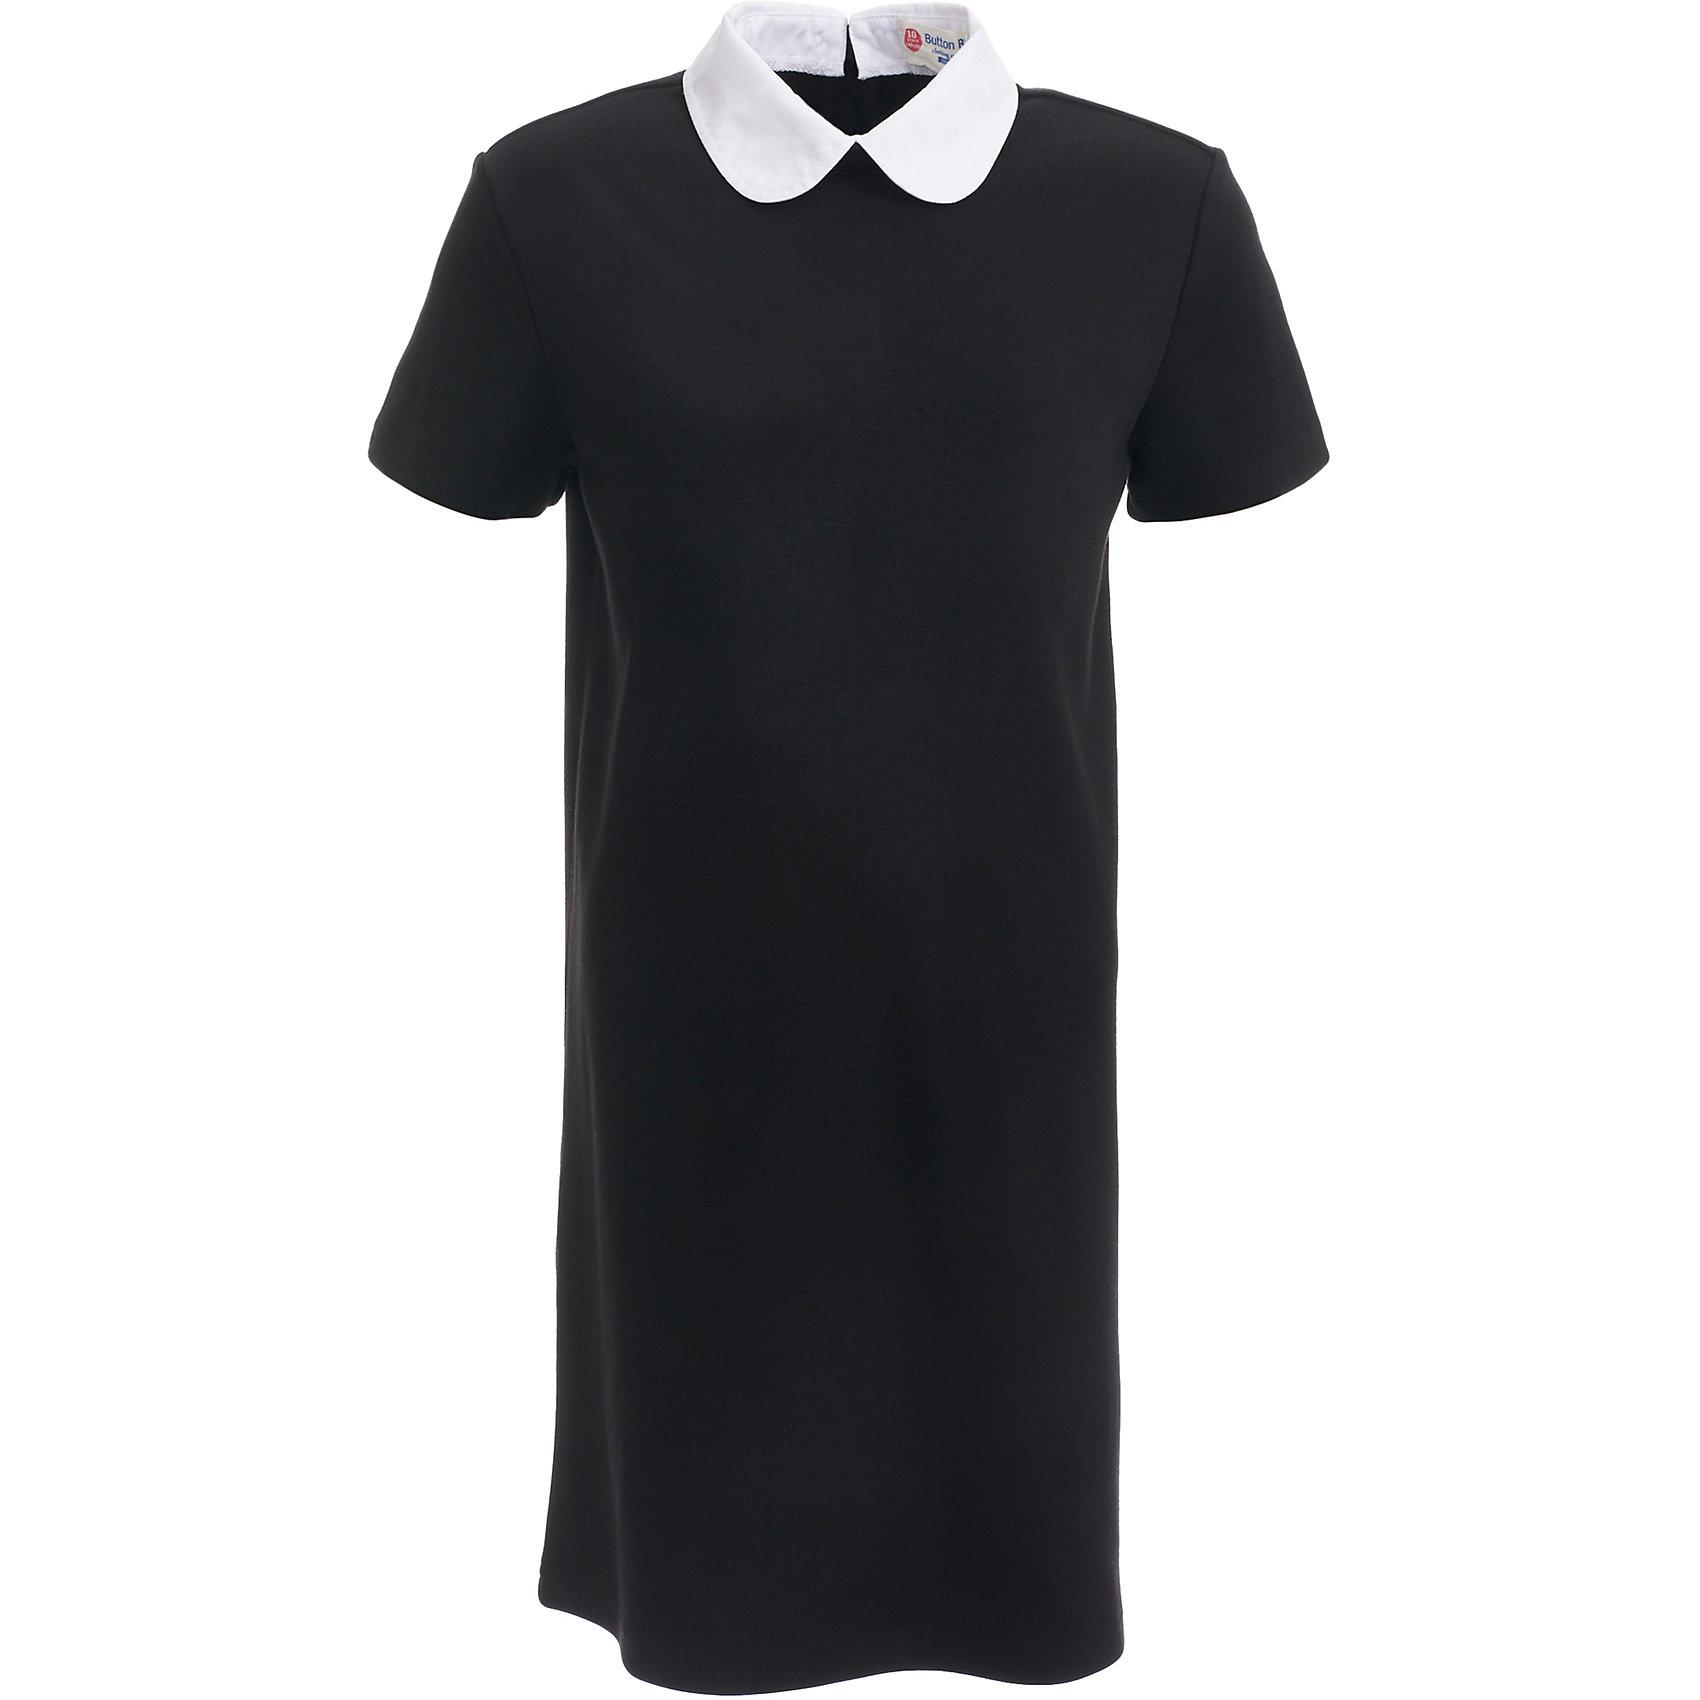 Платье для девочки BUTTON BLUEПлатья и сарафаны<br>Платье для девочки BUTTON BLUE<br>Школьные платья делают образ ученицы серьезным и элегантным. Если вы хотите купить  универсальную вещь и на каждый день, и для торжественного случая, вам стоит купить школьное платье. Трикотажное школьное платье для девочек обеспечит уют, свободу движений, удобство в повседневной носке. Белый воротник подчеркнет строгость модели и нежность ее обладательницы.<br>Состав:<br>75% полиэстер,              21% вискоза,                           4% эластан<br><br>Ширина мм: 236<br>Глубина мм: 16<br>Высота мм: 184<br>Вес г: 177<br>Цвет: черный<br>Возраст от месяцев: 72<br>Возраст до месяцев: 84<br>Пол: Женский<br>Возраст: Детский<br>Размер: 122,128,134,140,146,152,158,164<br>SKU: 6739402